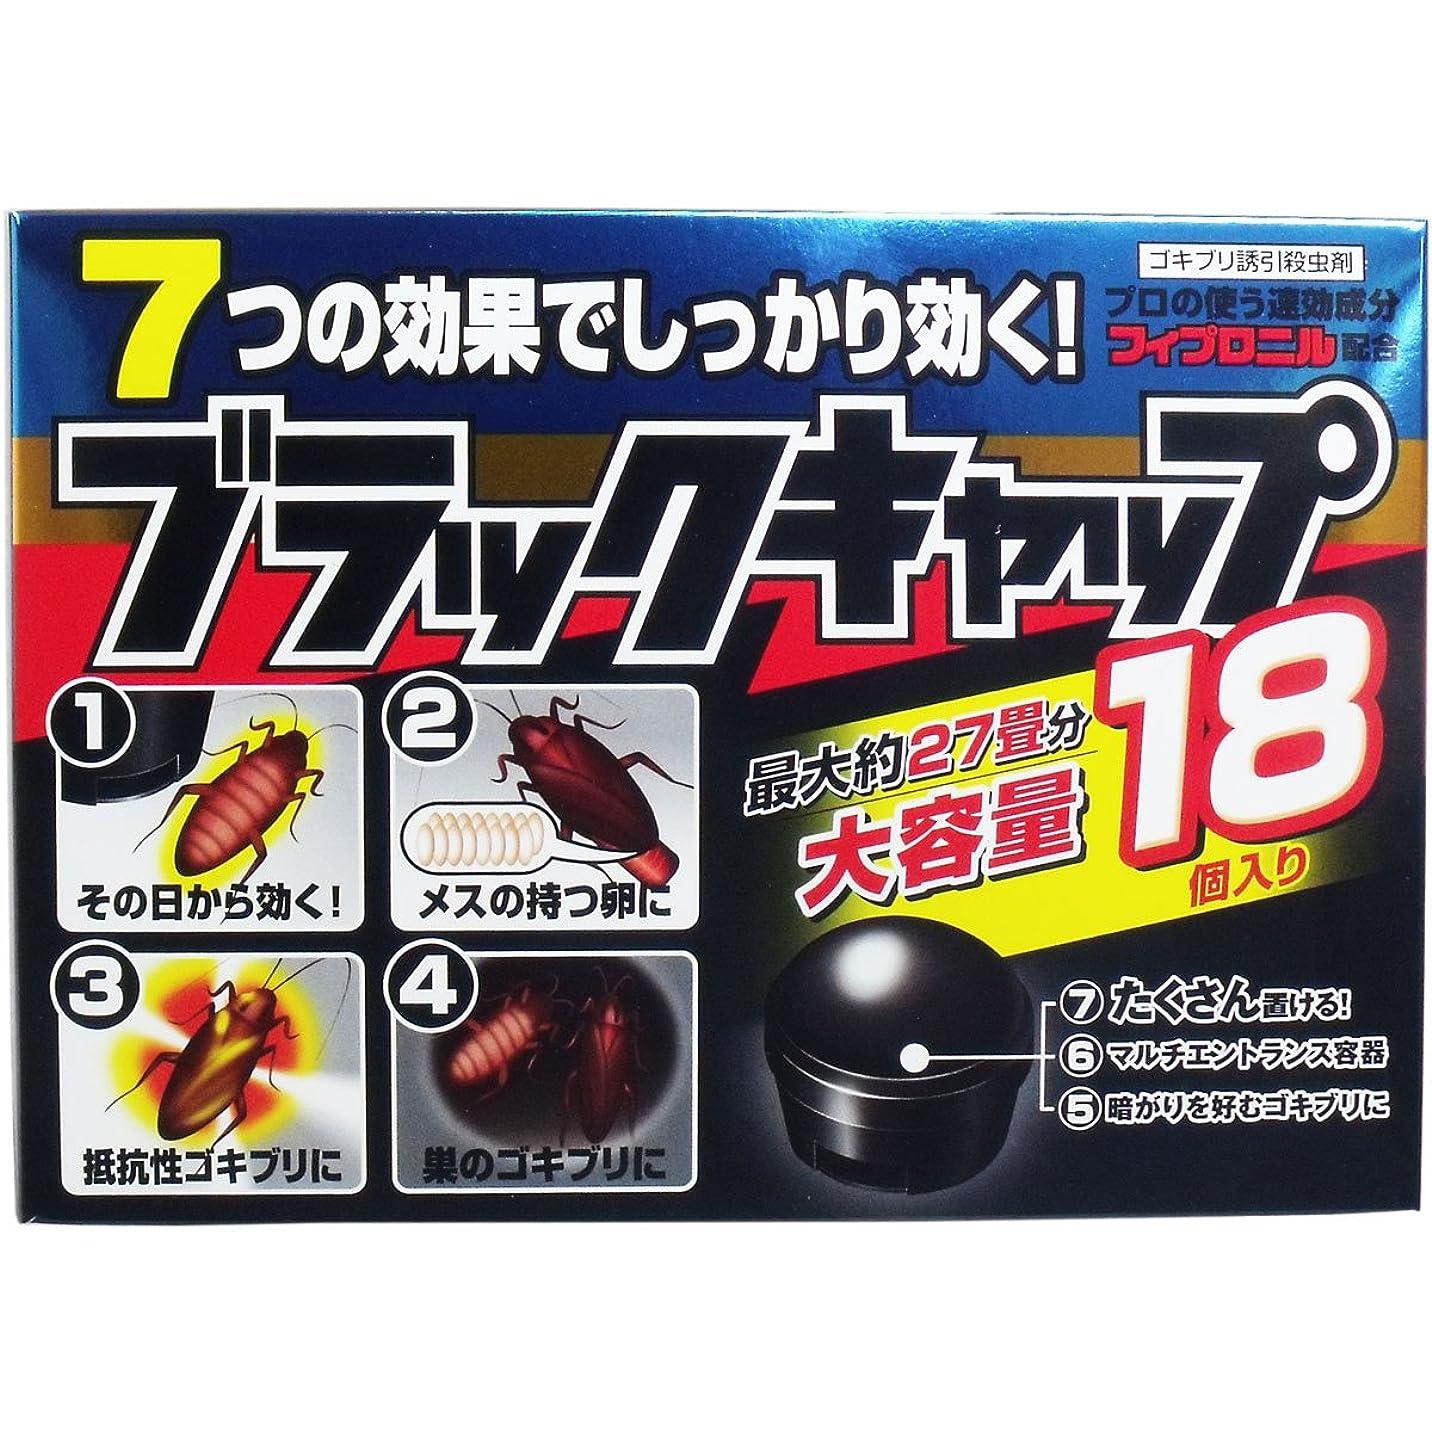 効能滝有彩色の(アース製薬)ブラックキャップ 18個入(医薬部外品)